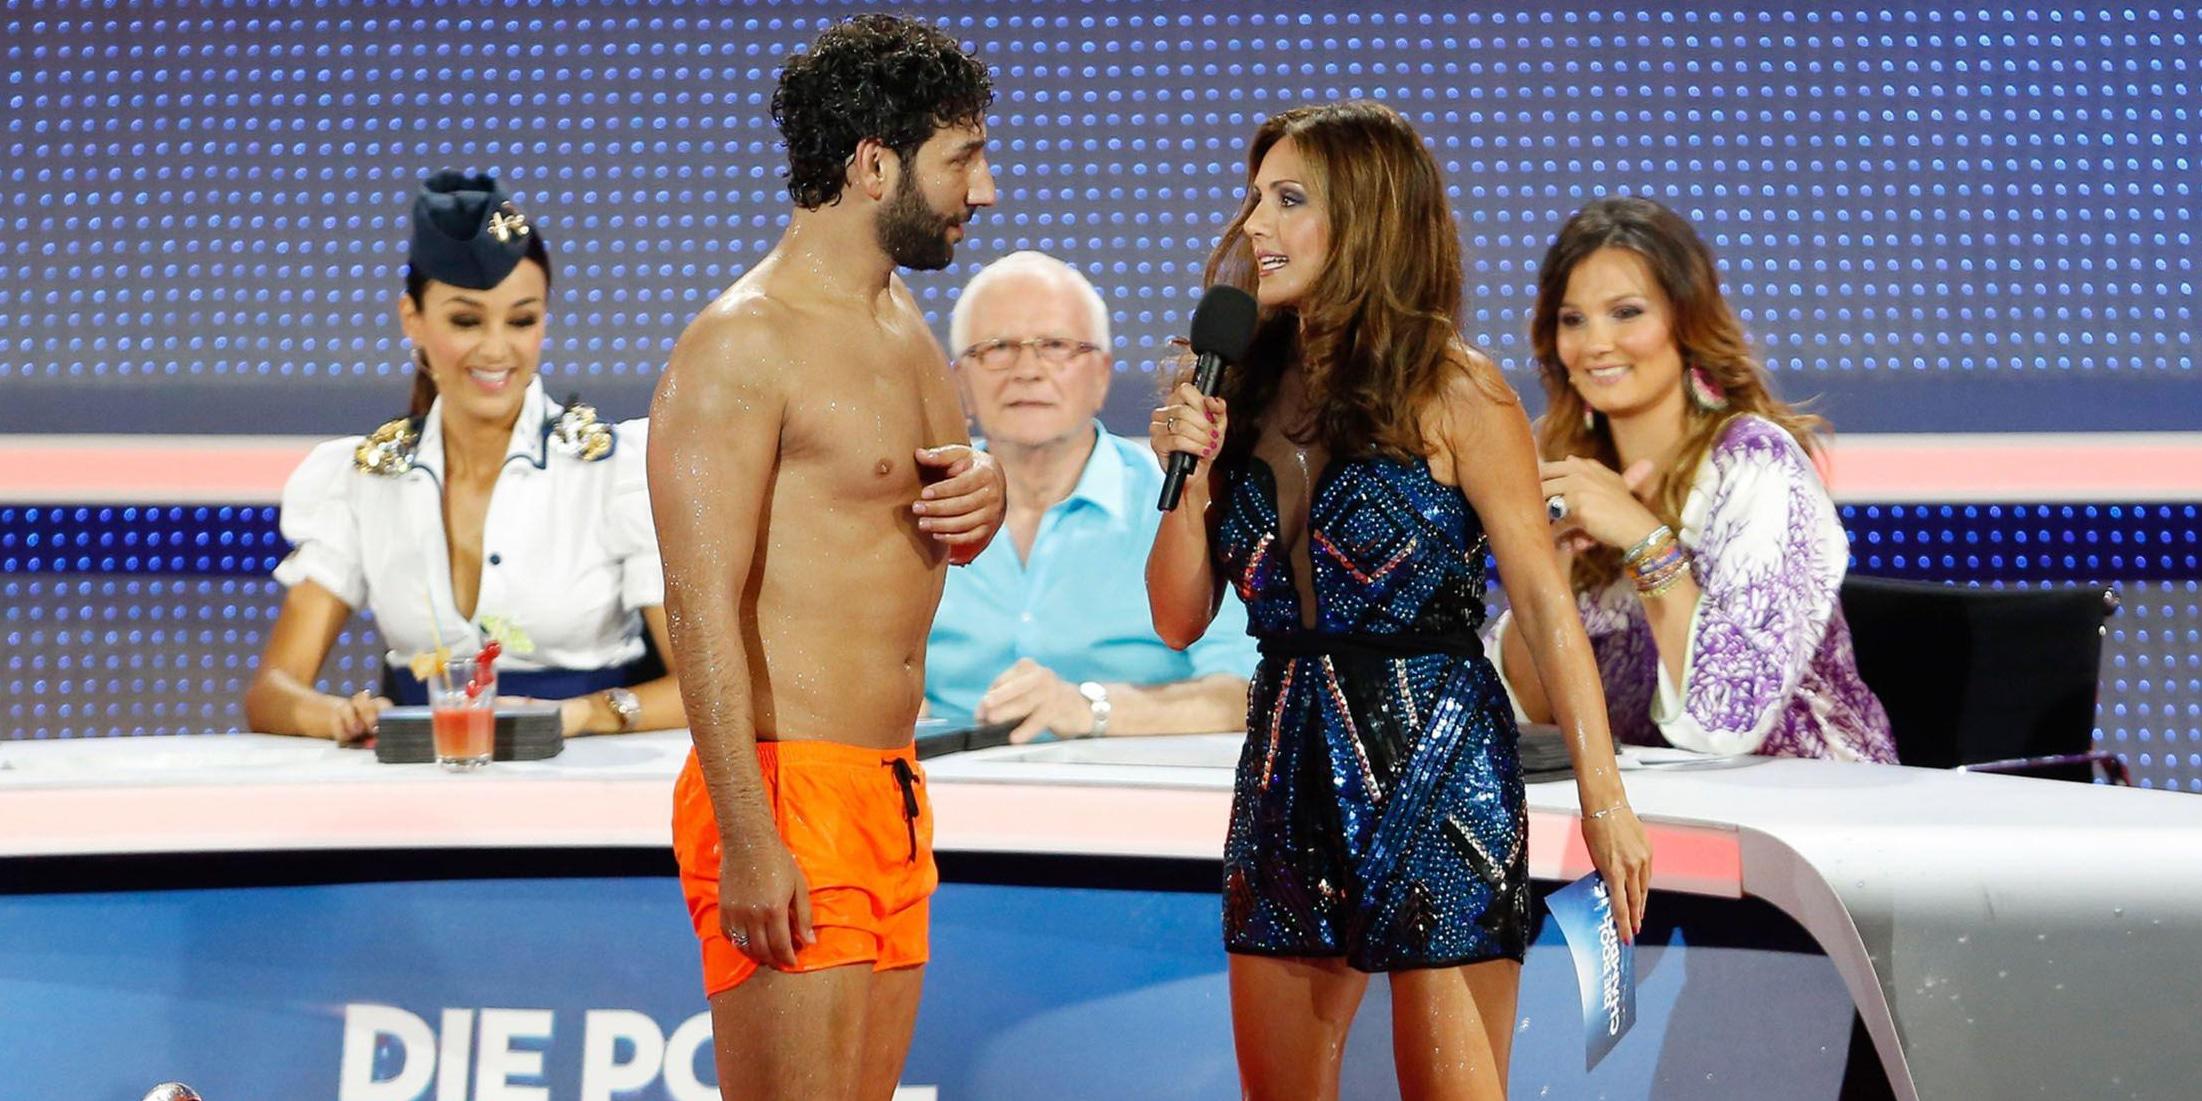 Die Pool Champions: Wird Massimo Sinató sich die Beine rasieren? - TV News